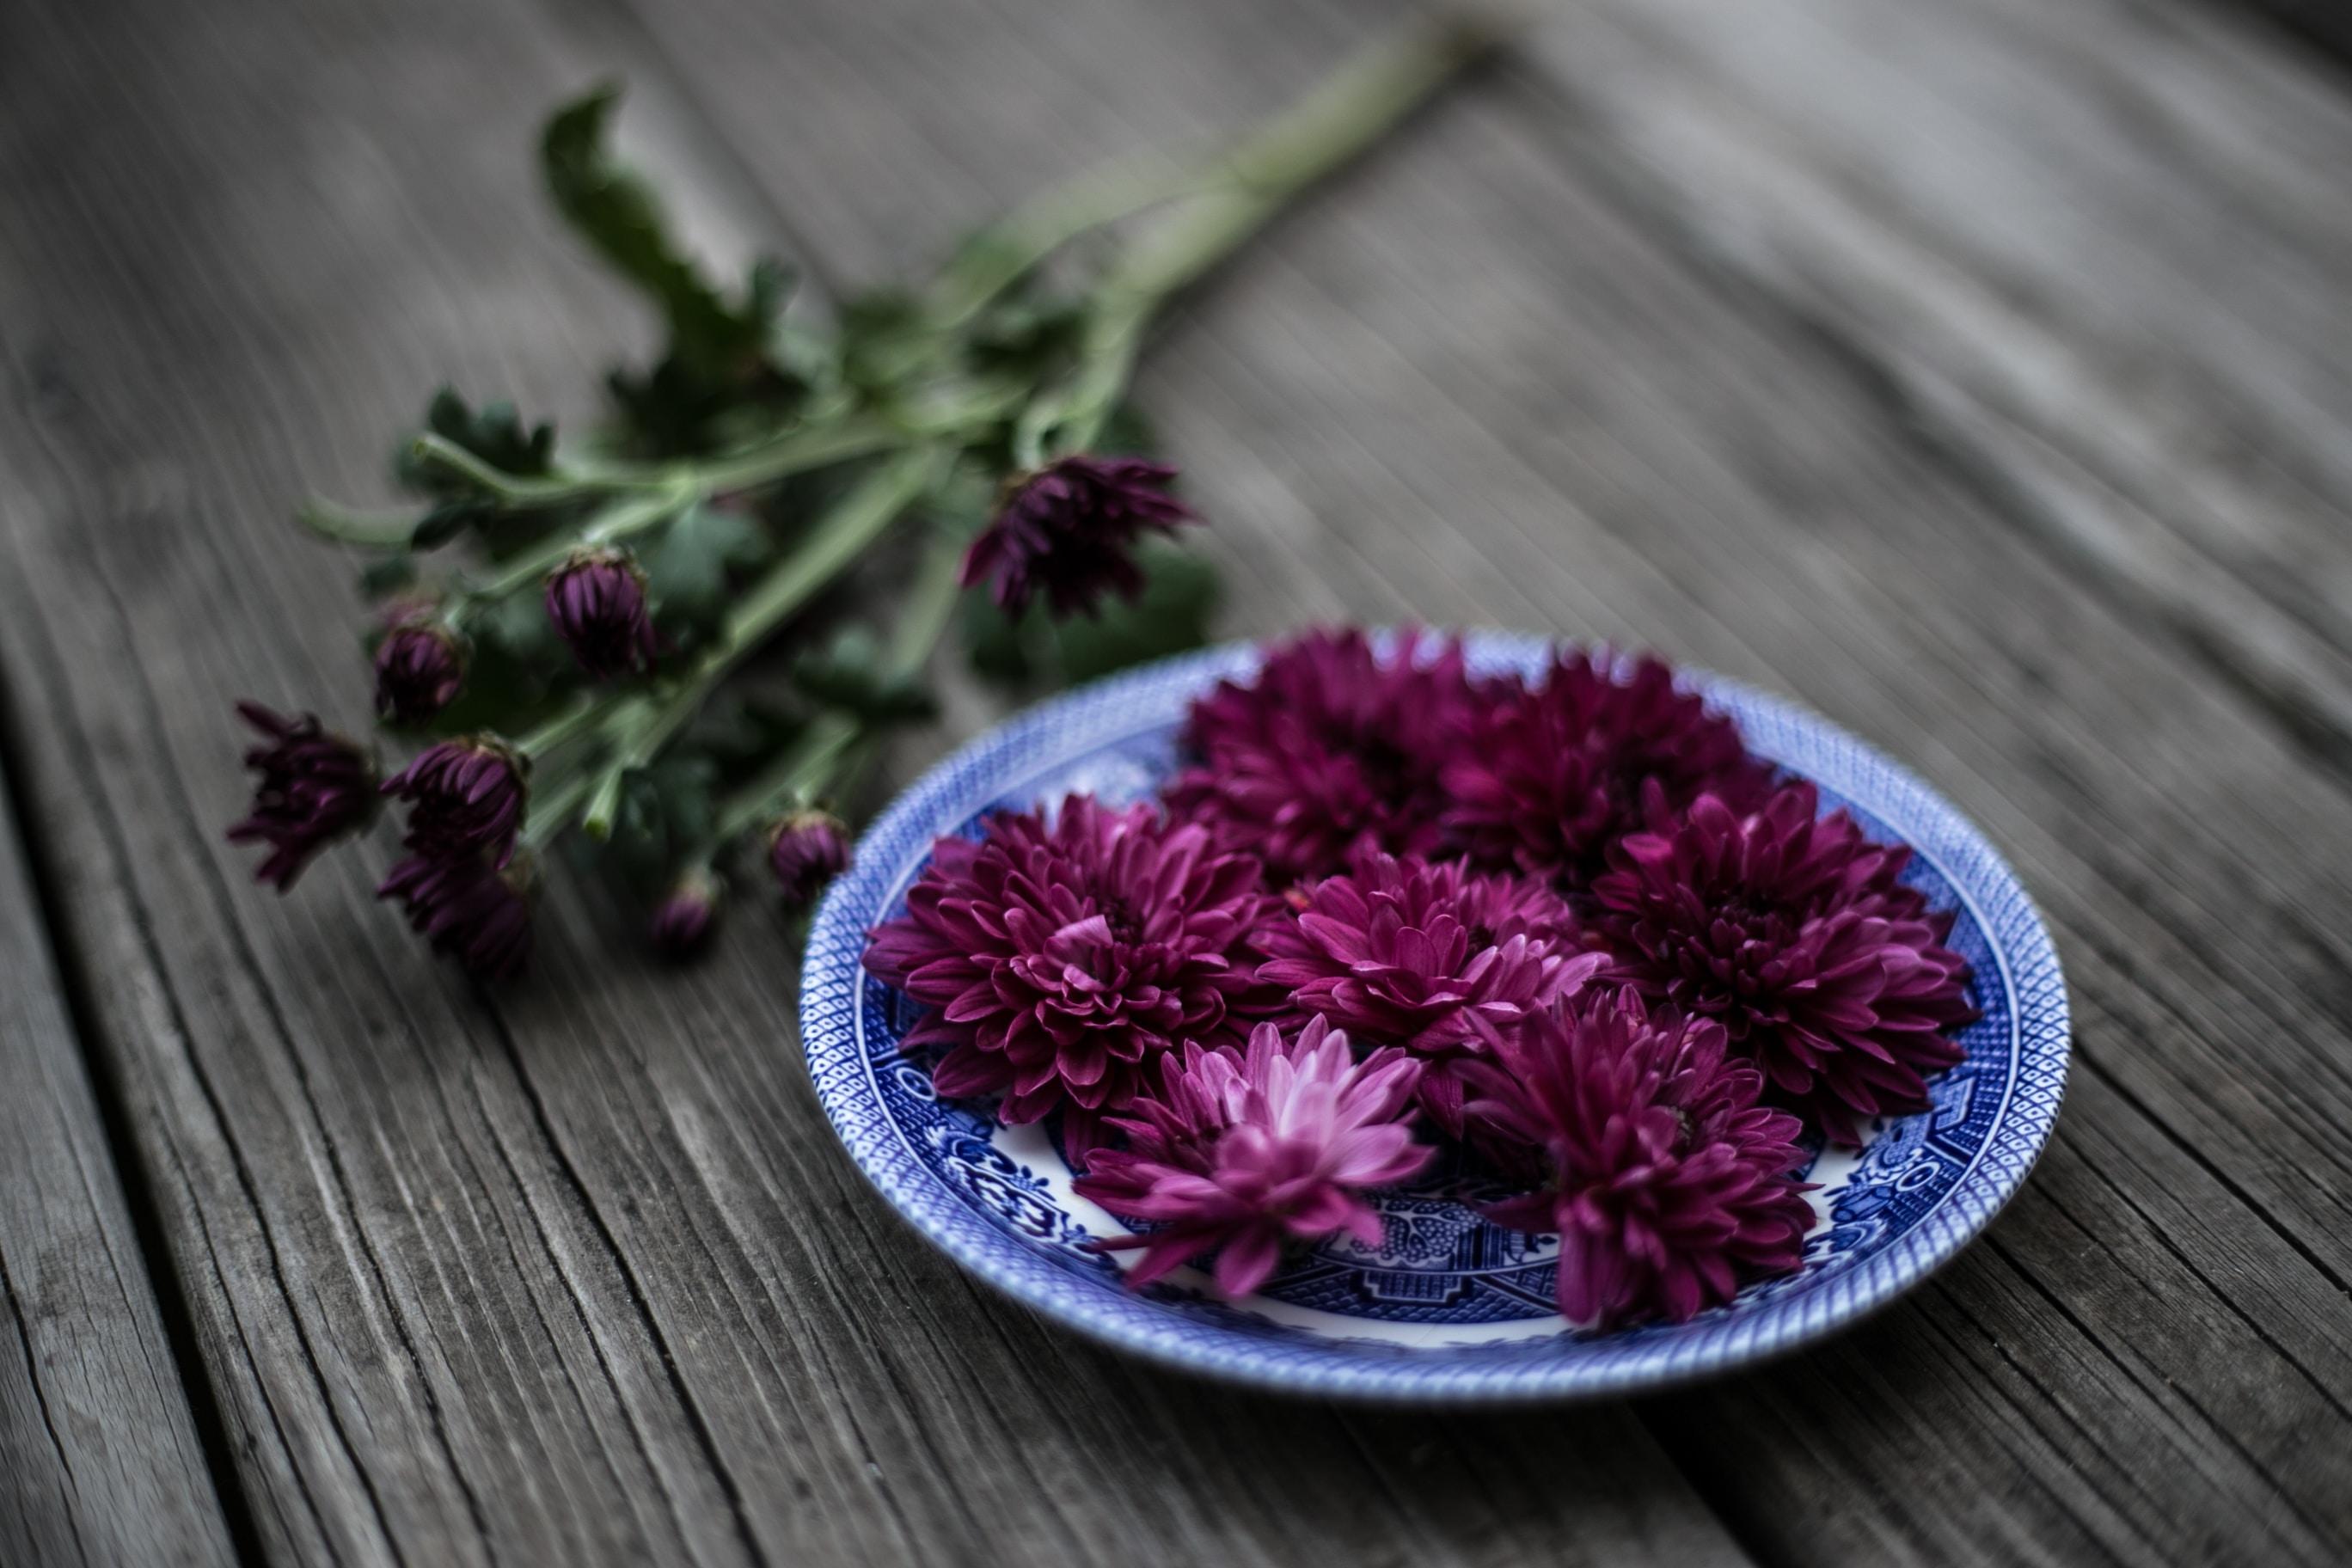 purple flowers on blue plate